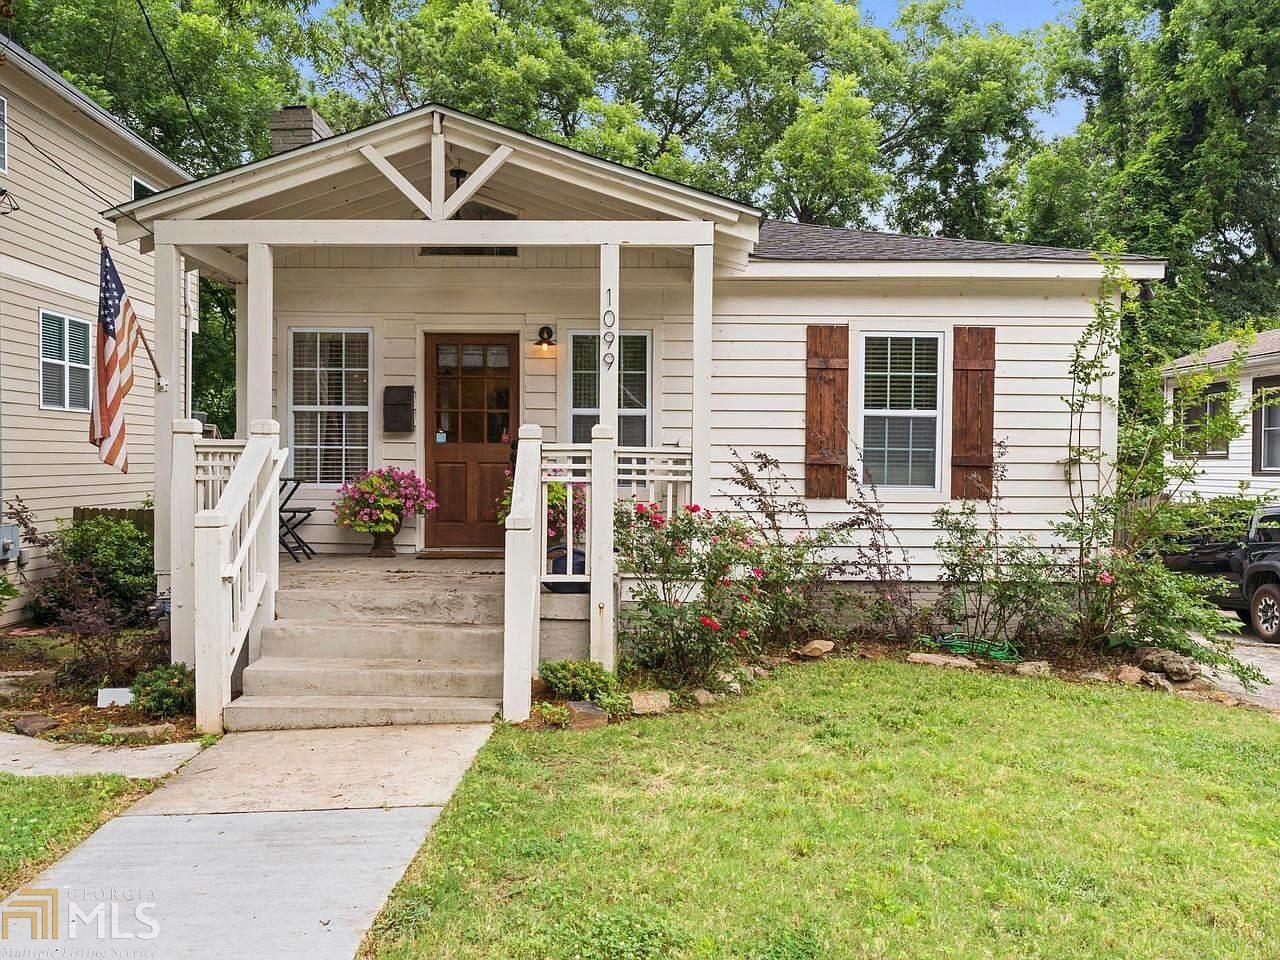 1099 Hardee, Atlanta, GA 30307 - MLS#: 8903746